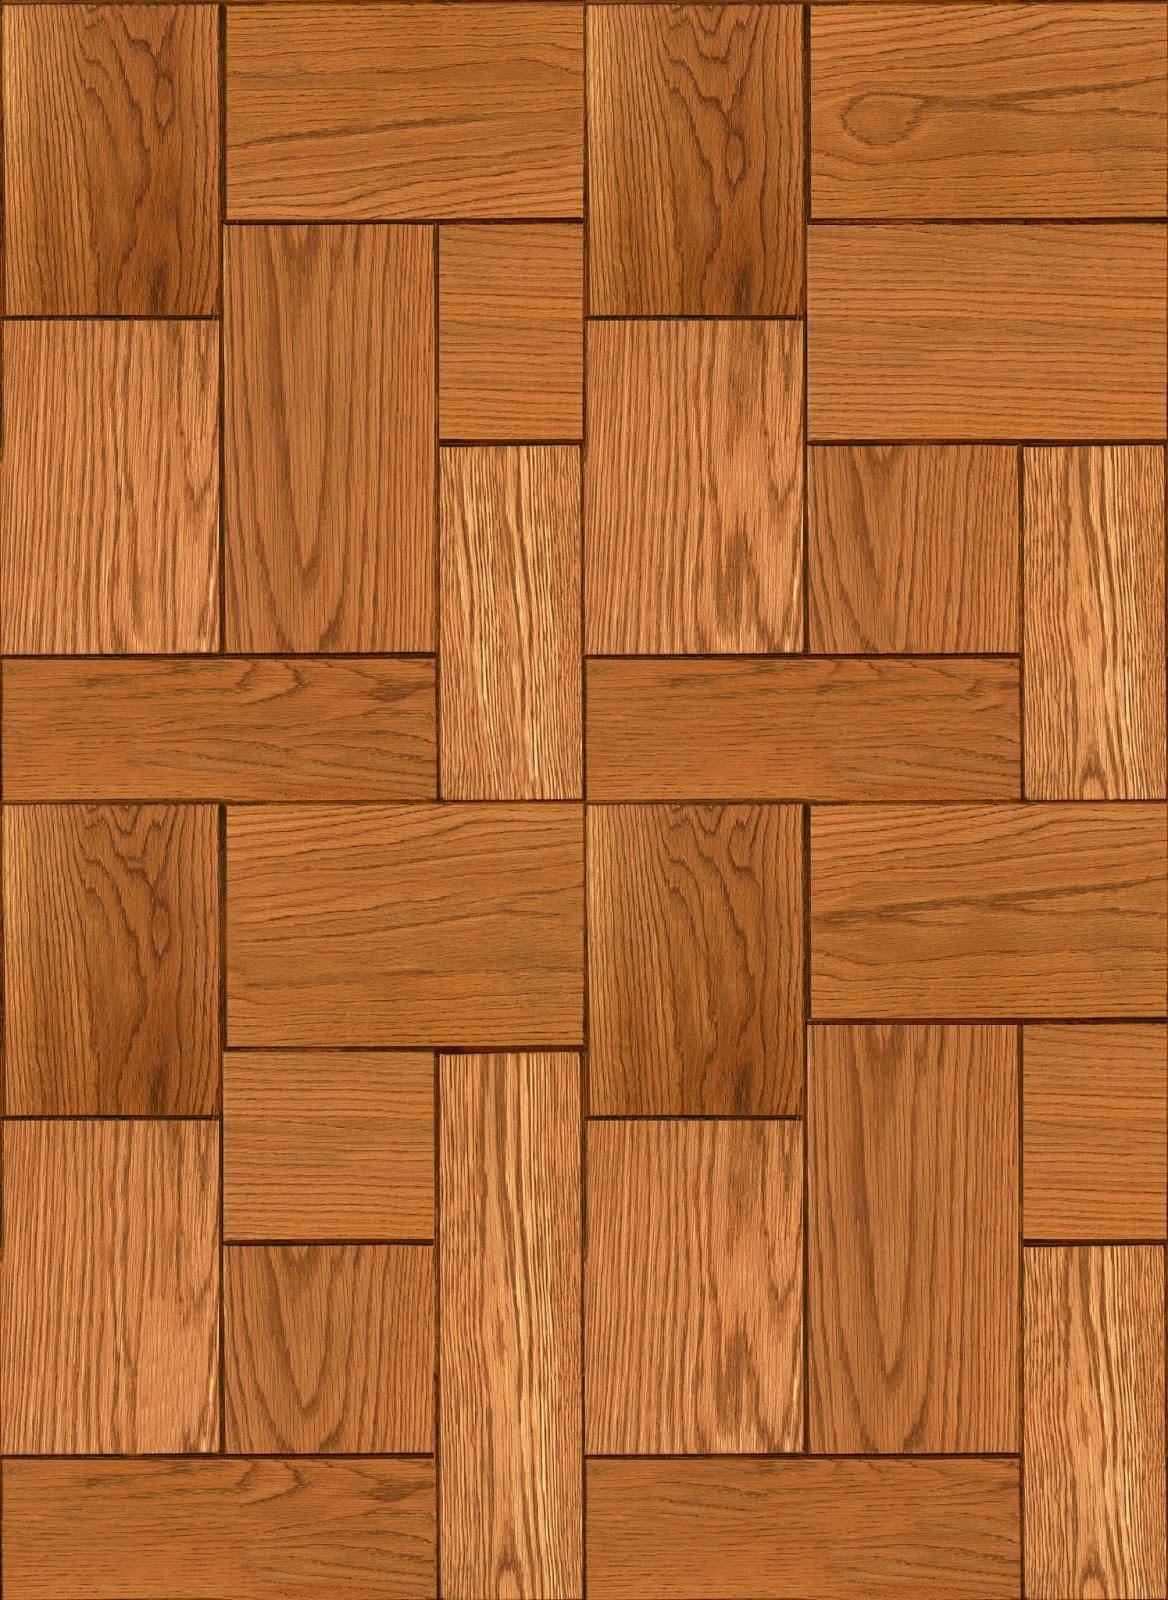 Tileable Wood Parquet Texture Maps Texturise Free